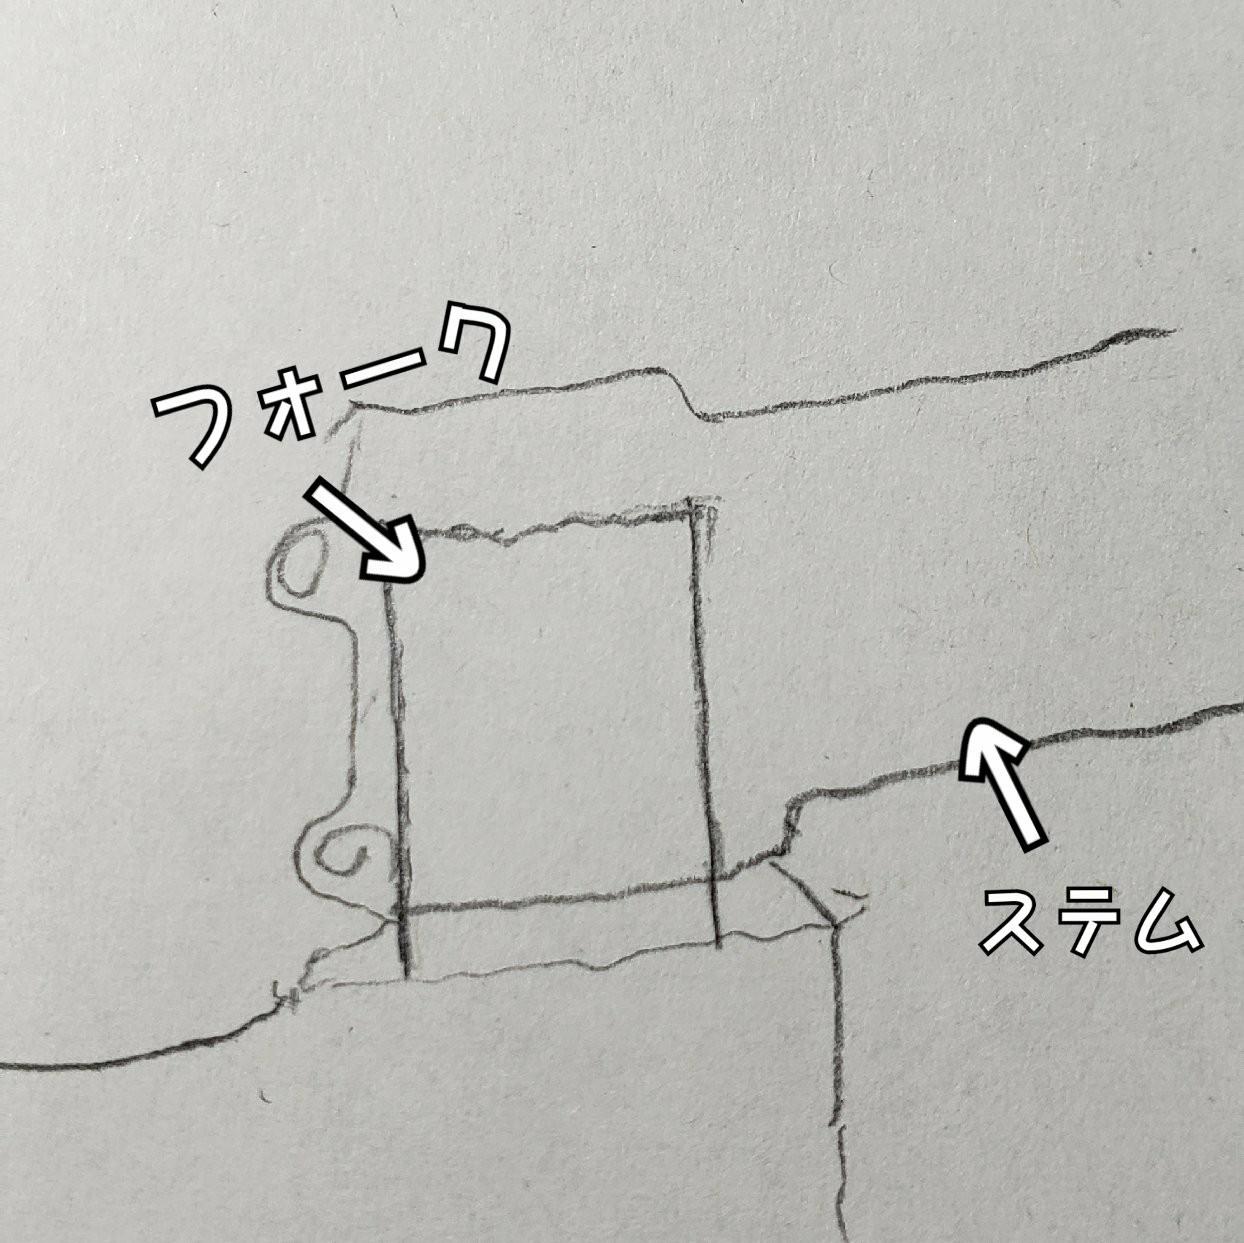 f:id:peasandcarrots:20210713075251j:plain:w400